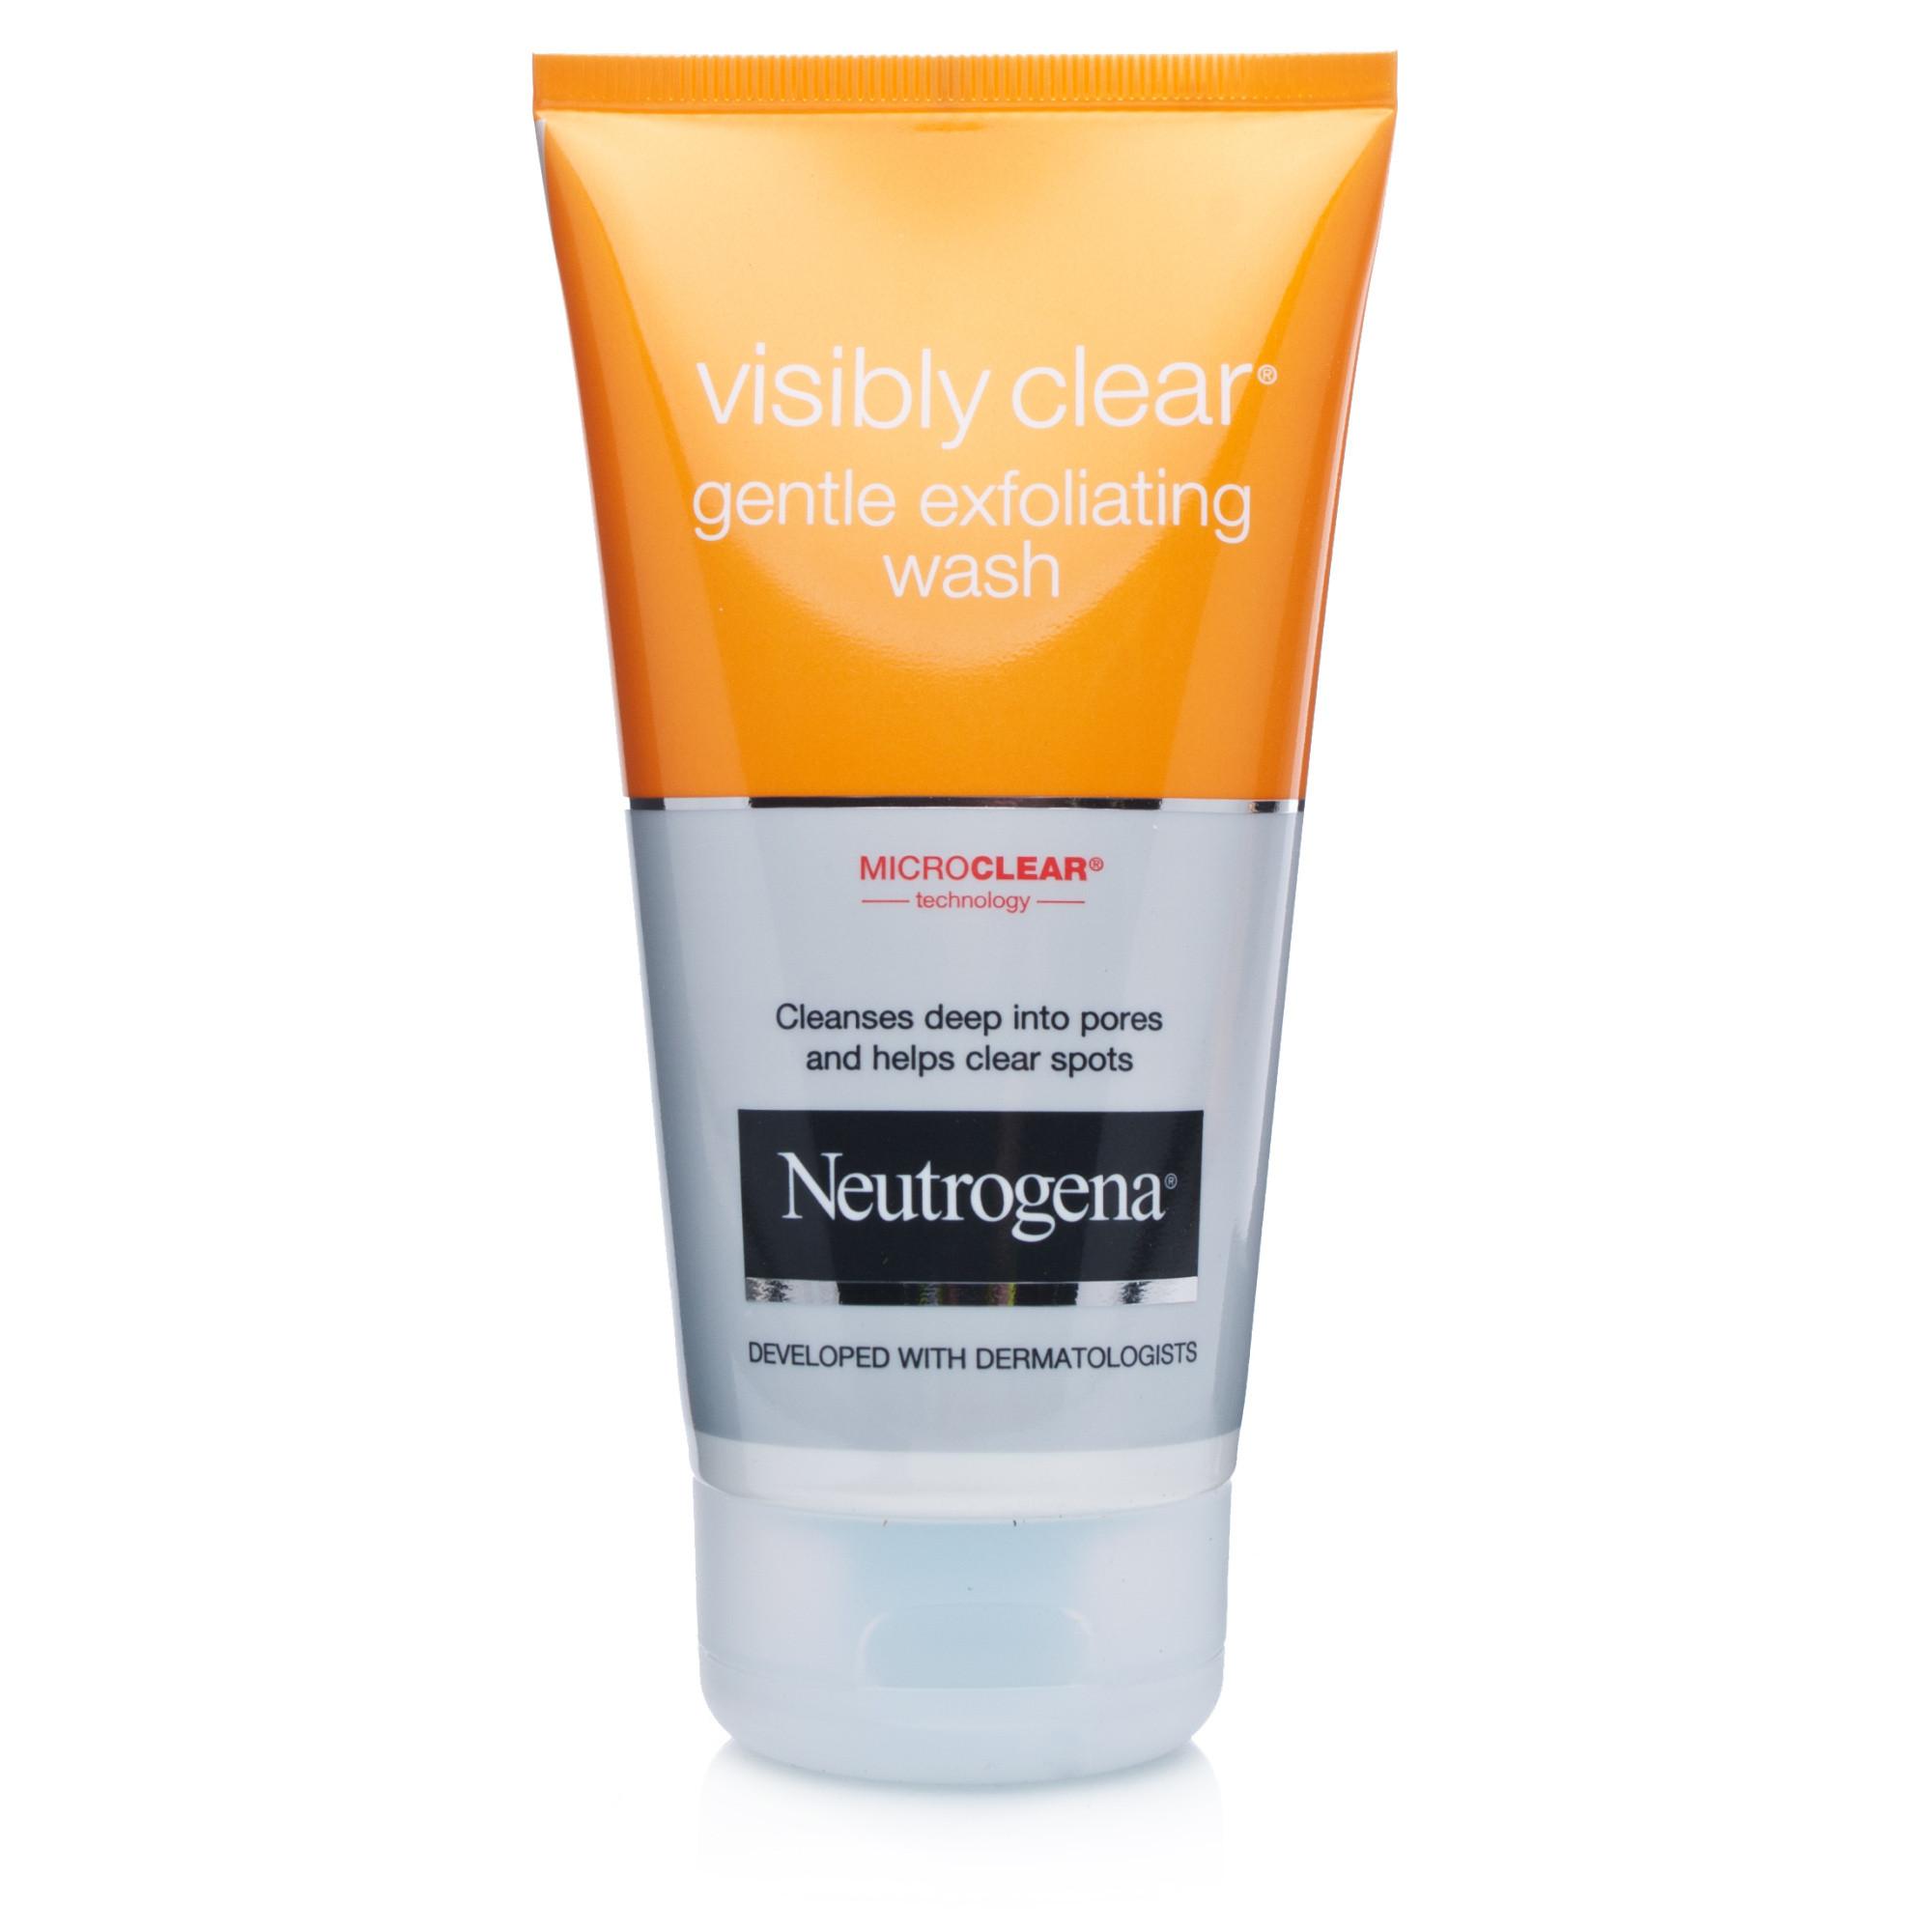 neutrogena visibly clear gentle exfoliating wash ebay. Black Bedroom Furniture Sets. Home Design Ideas